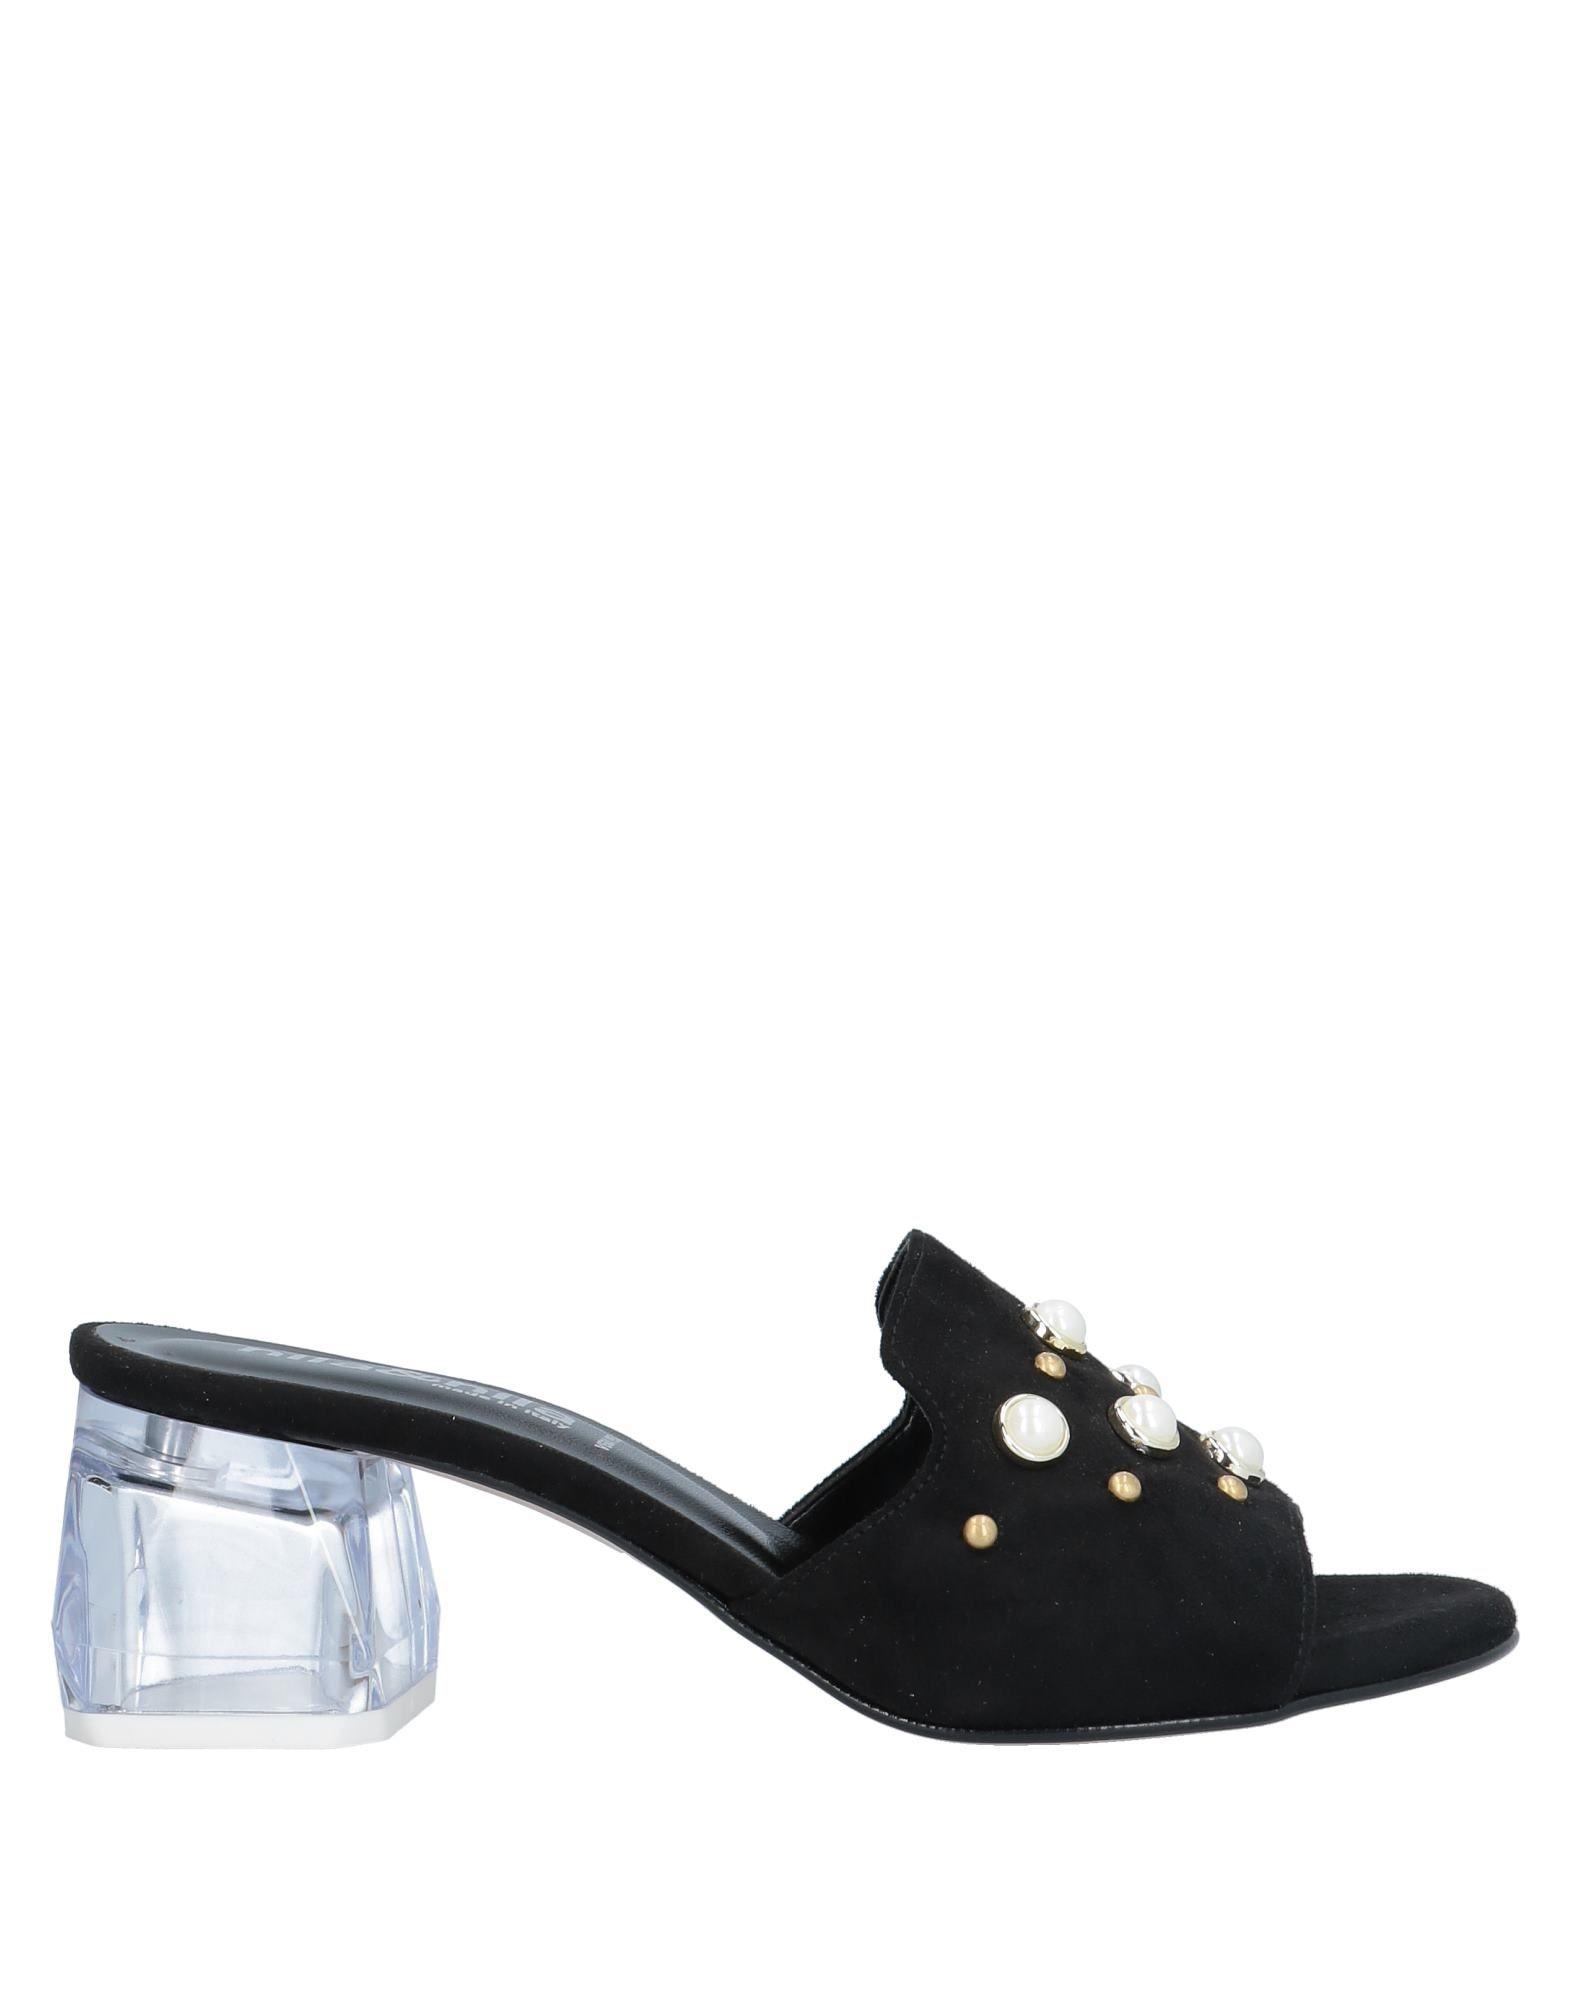 детские резиновые сандалии купить